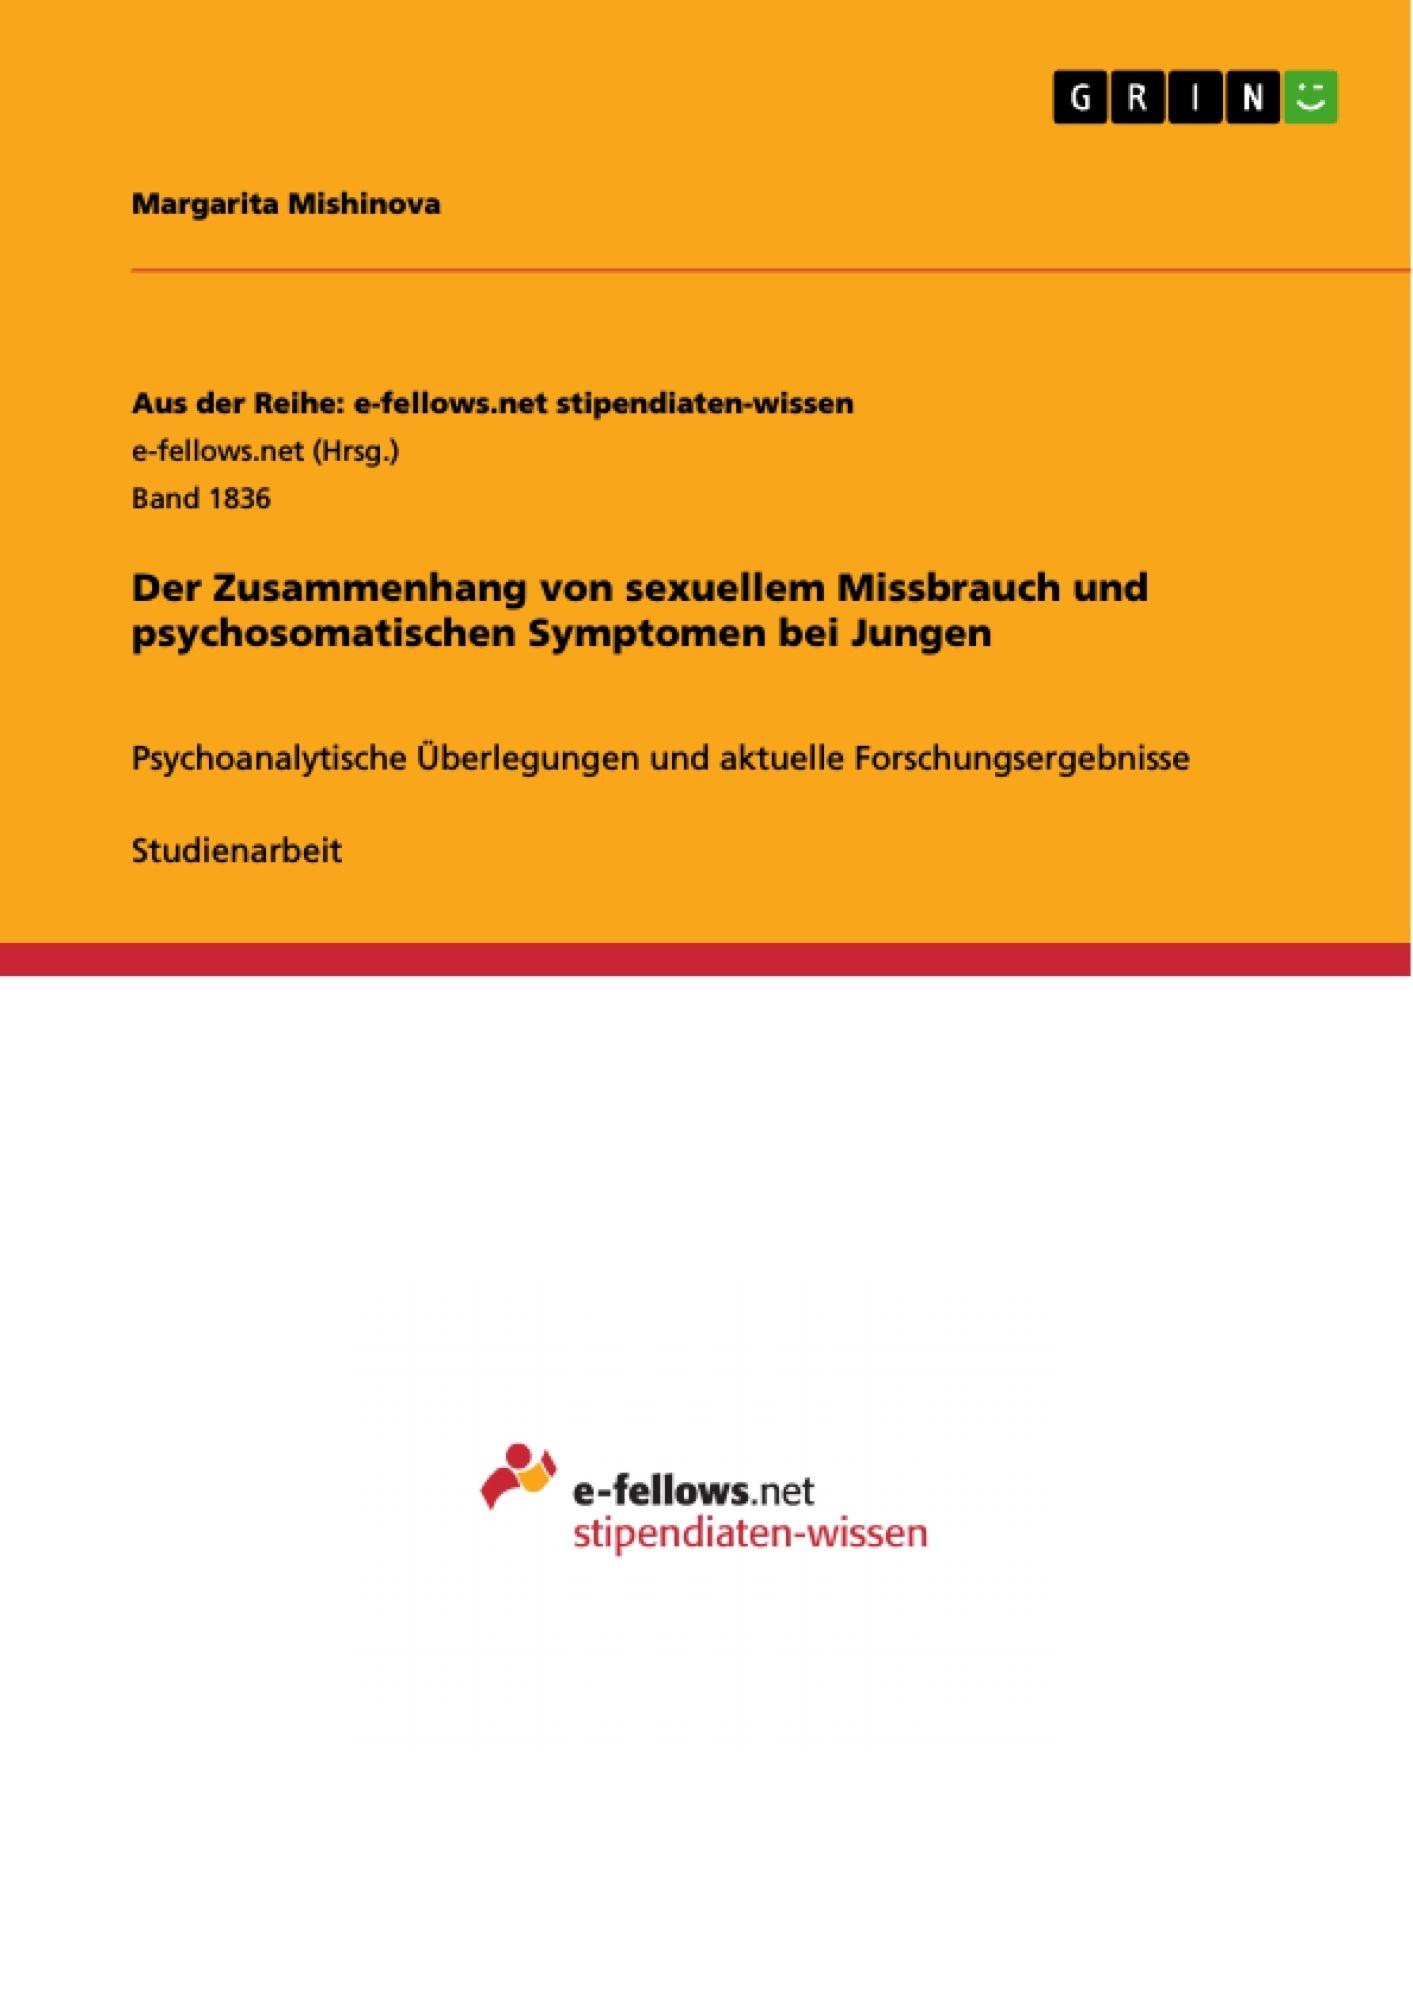 Titel: Der Zusammenhang von sexuellem Missbrauch und psychosomatischen Symptomen bei Jungen